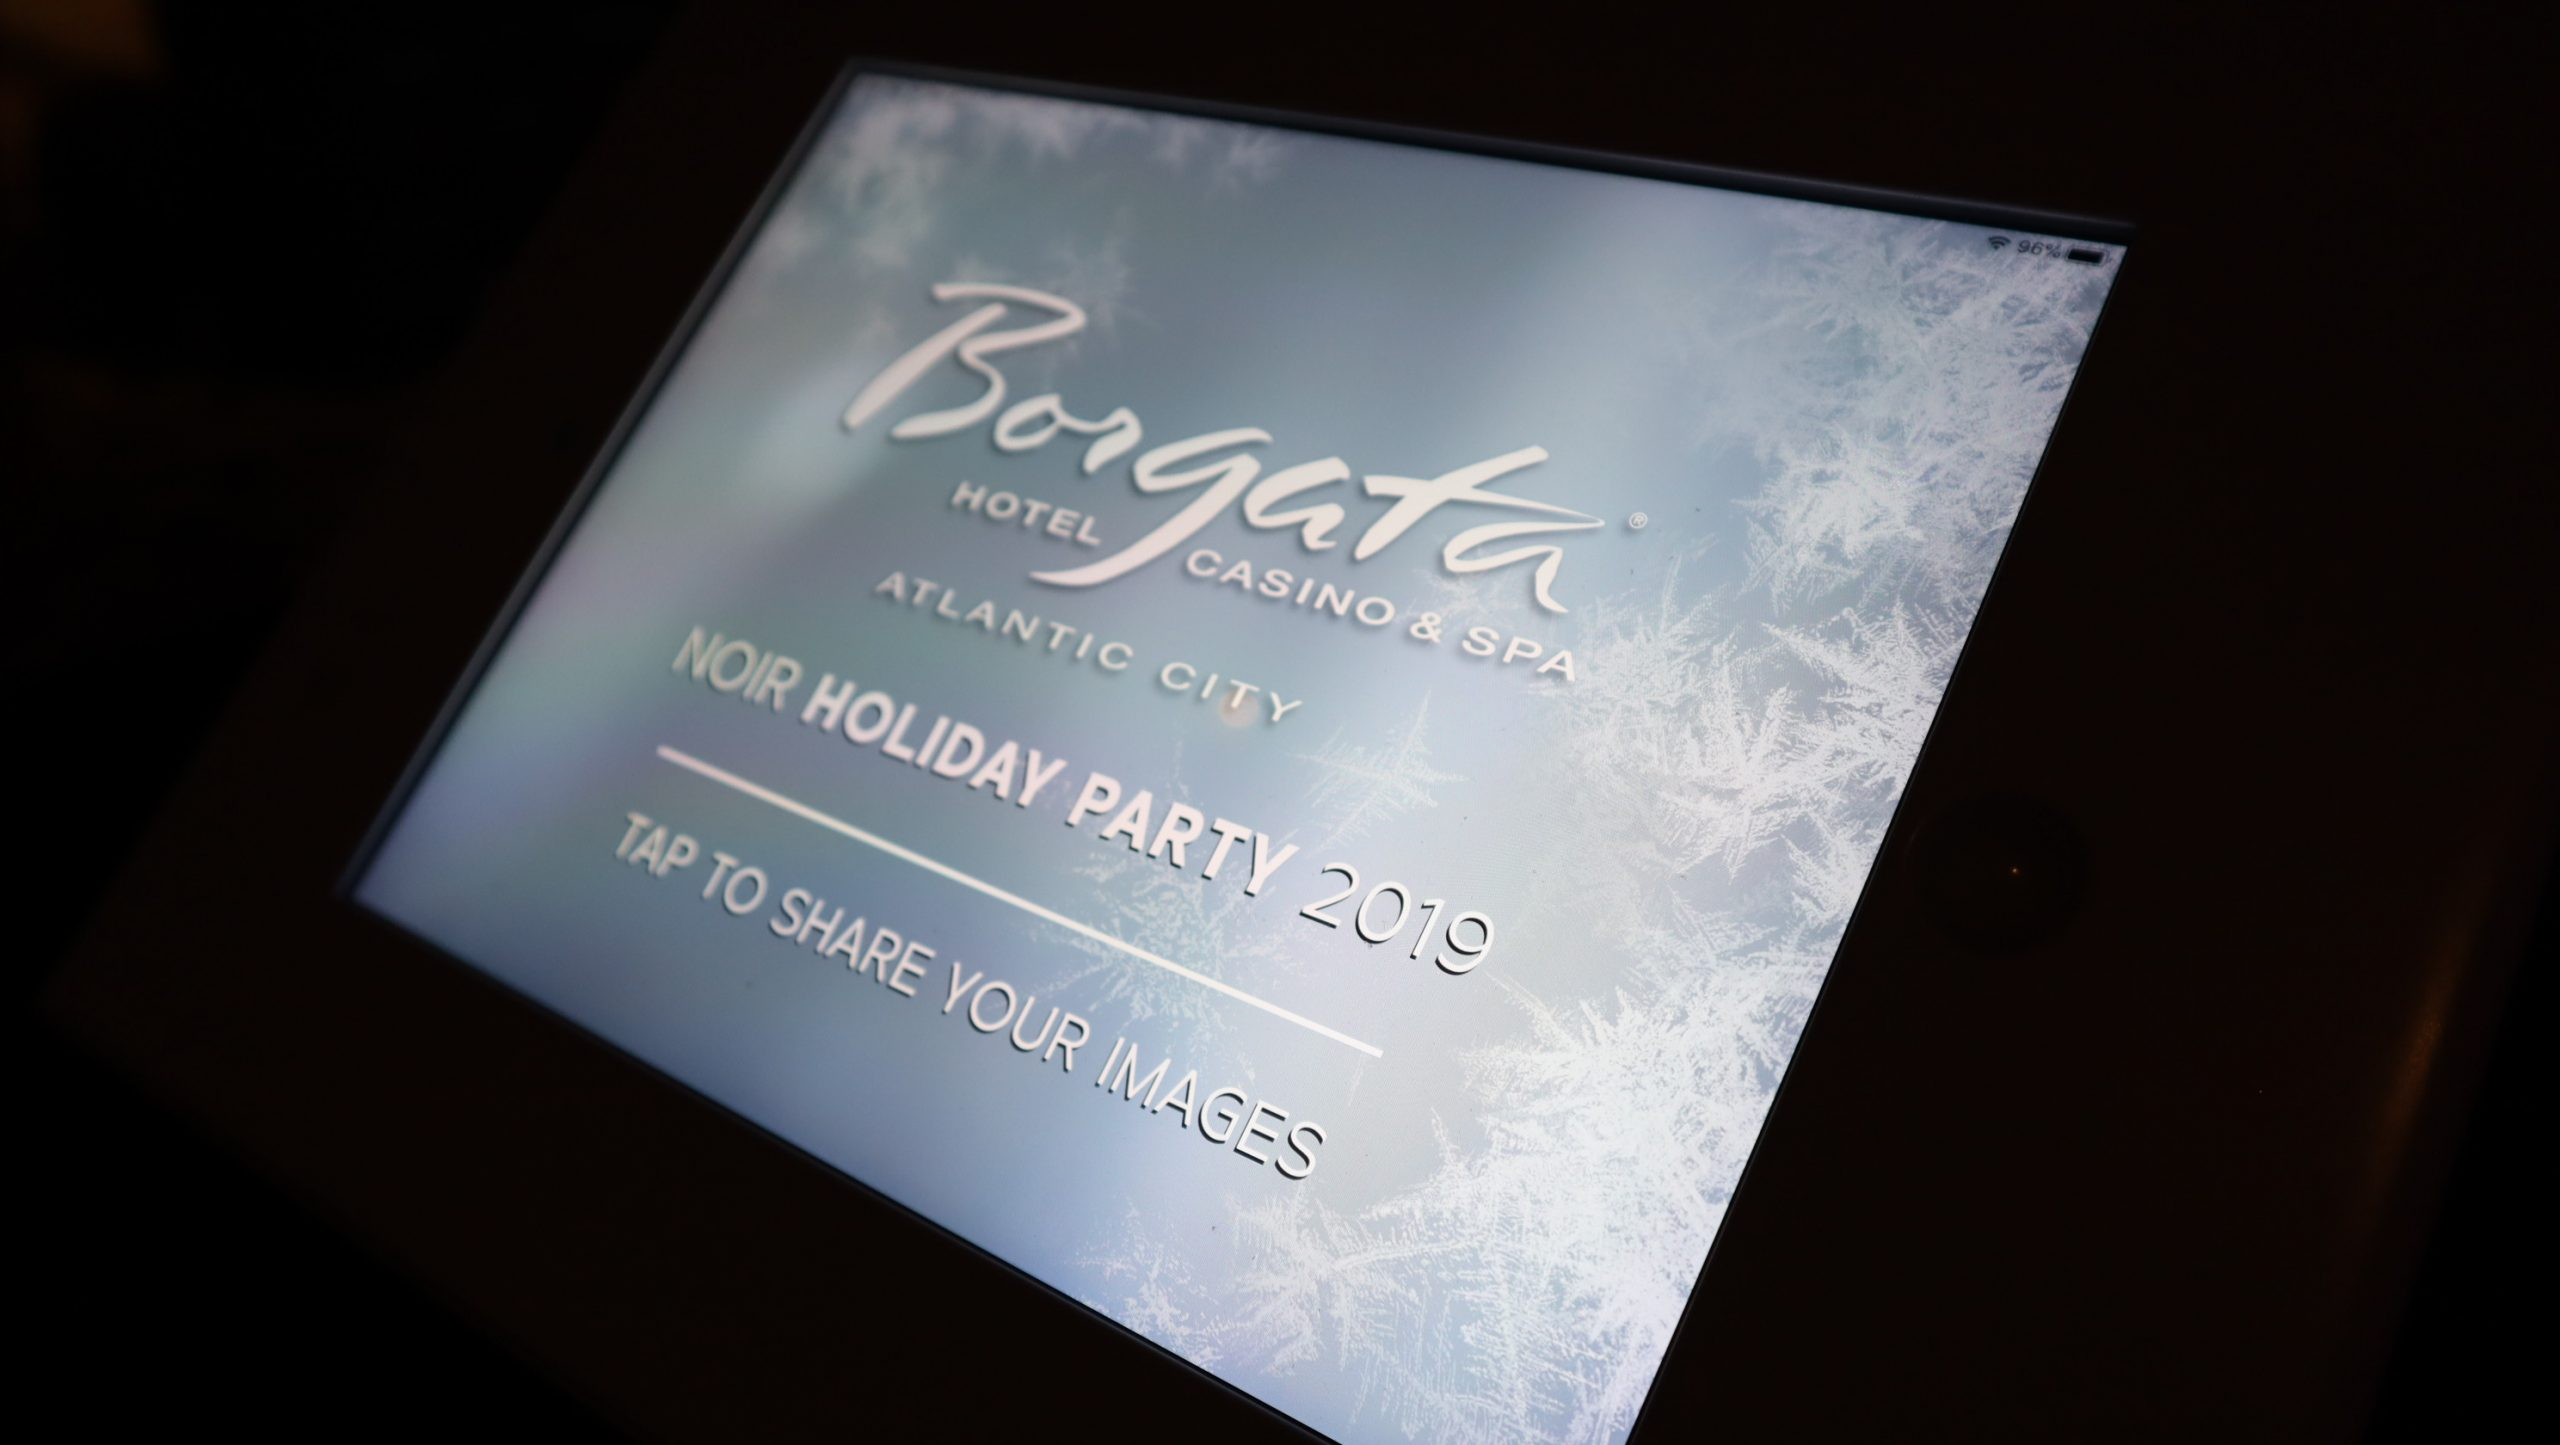 Borgata Holiday Party